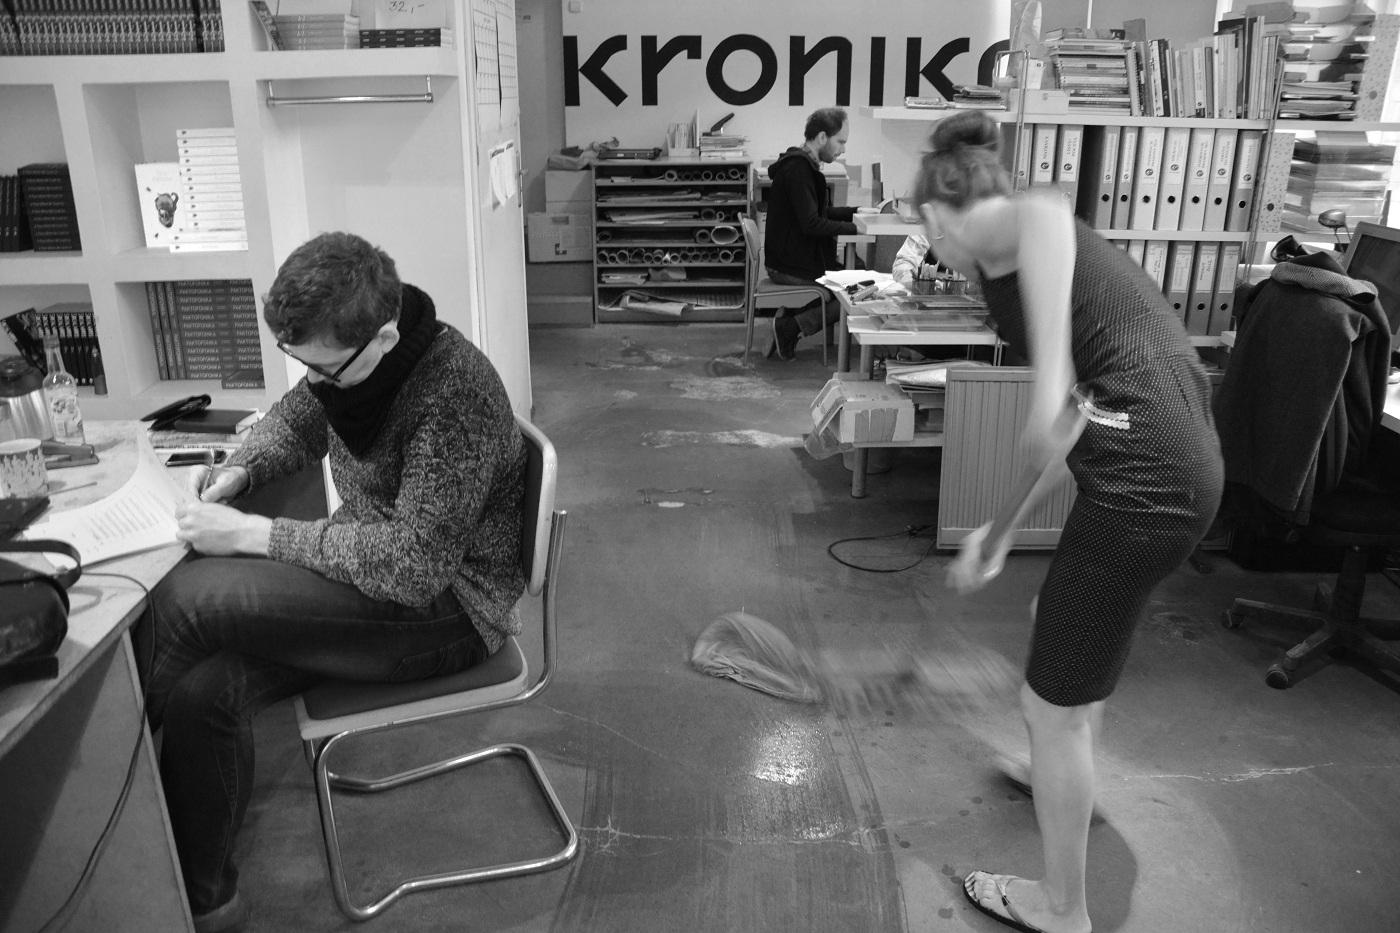 """Aleka Polis, """"Rosa Rotes"""", Galeria Kronika, Bytom, (demontaż wystawy Oneiron & Yan Tomaszewski. Pismo), 28.01.2016, fot.Zuza Ziółkowska/Hercberg"""